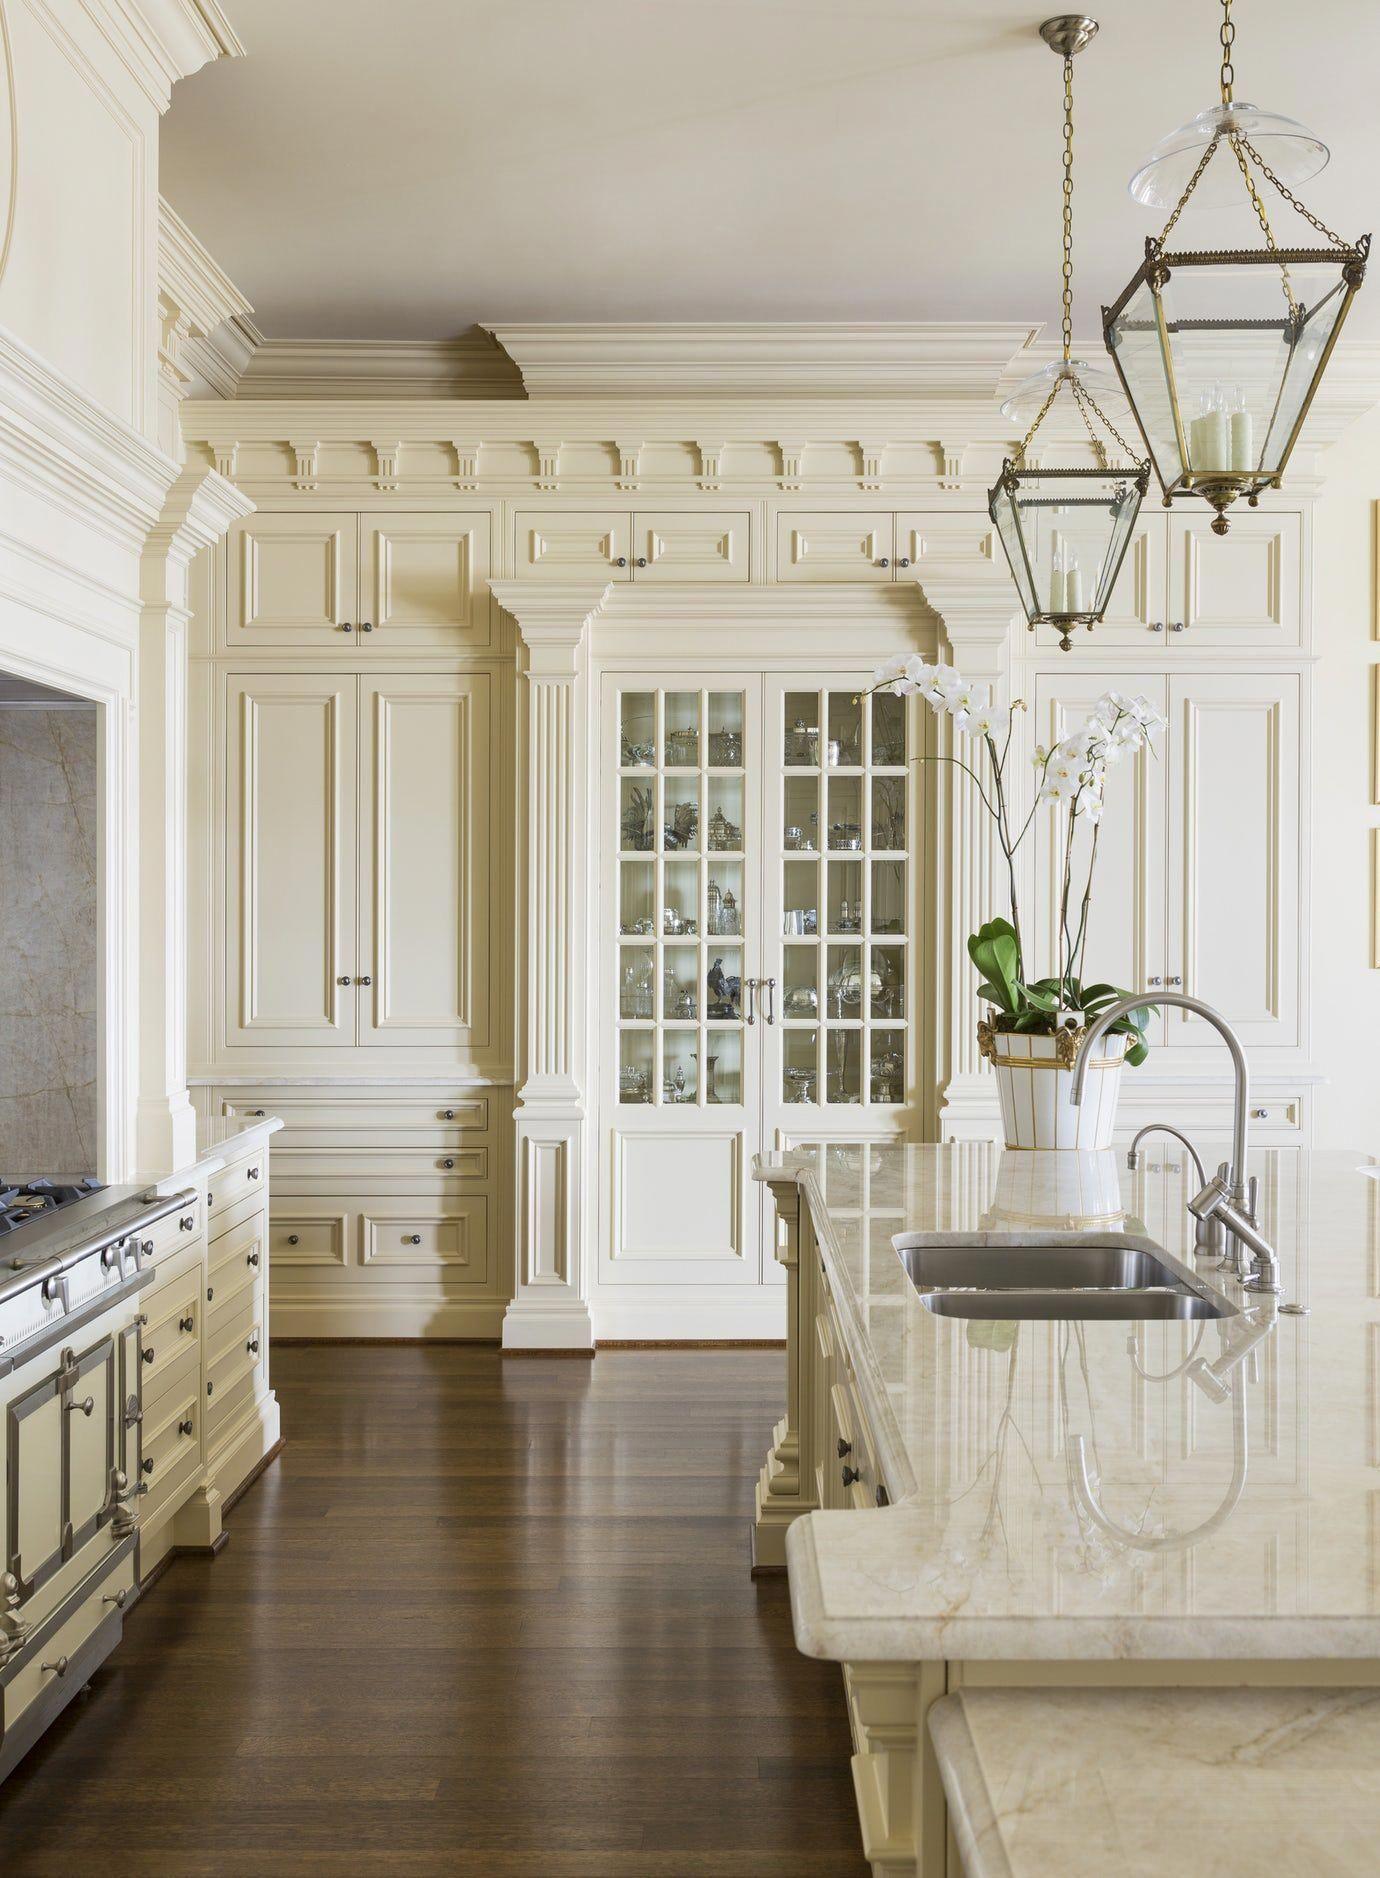 Kitchen Furniture Design Black And White Kitchen Decor Cool